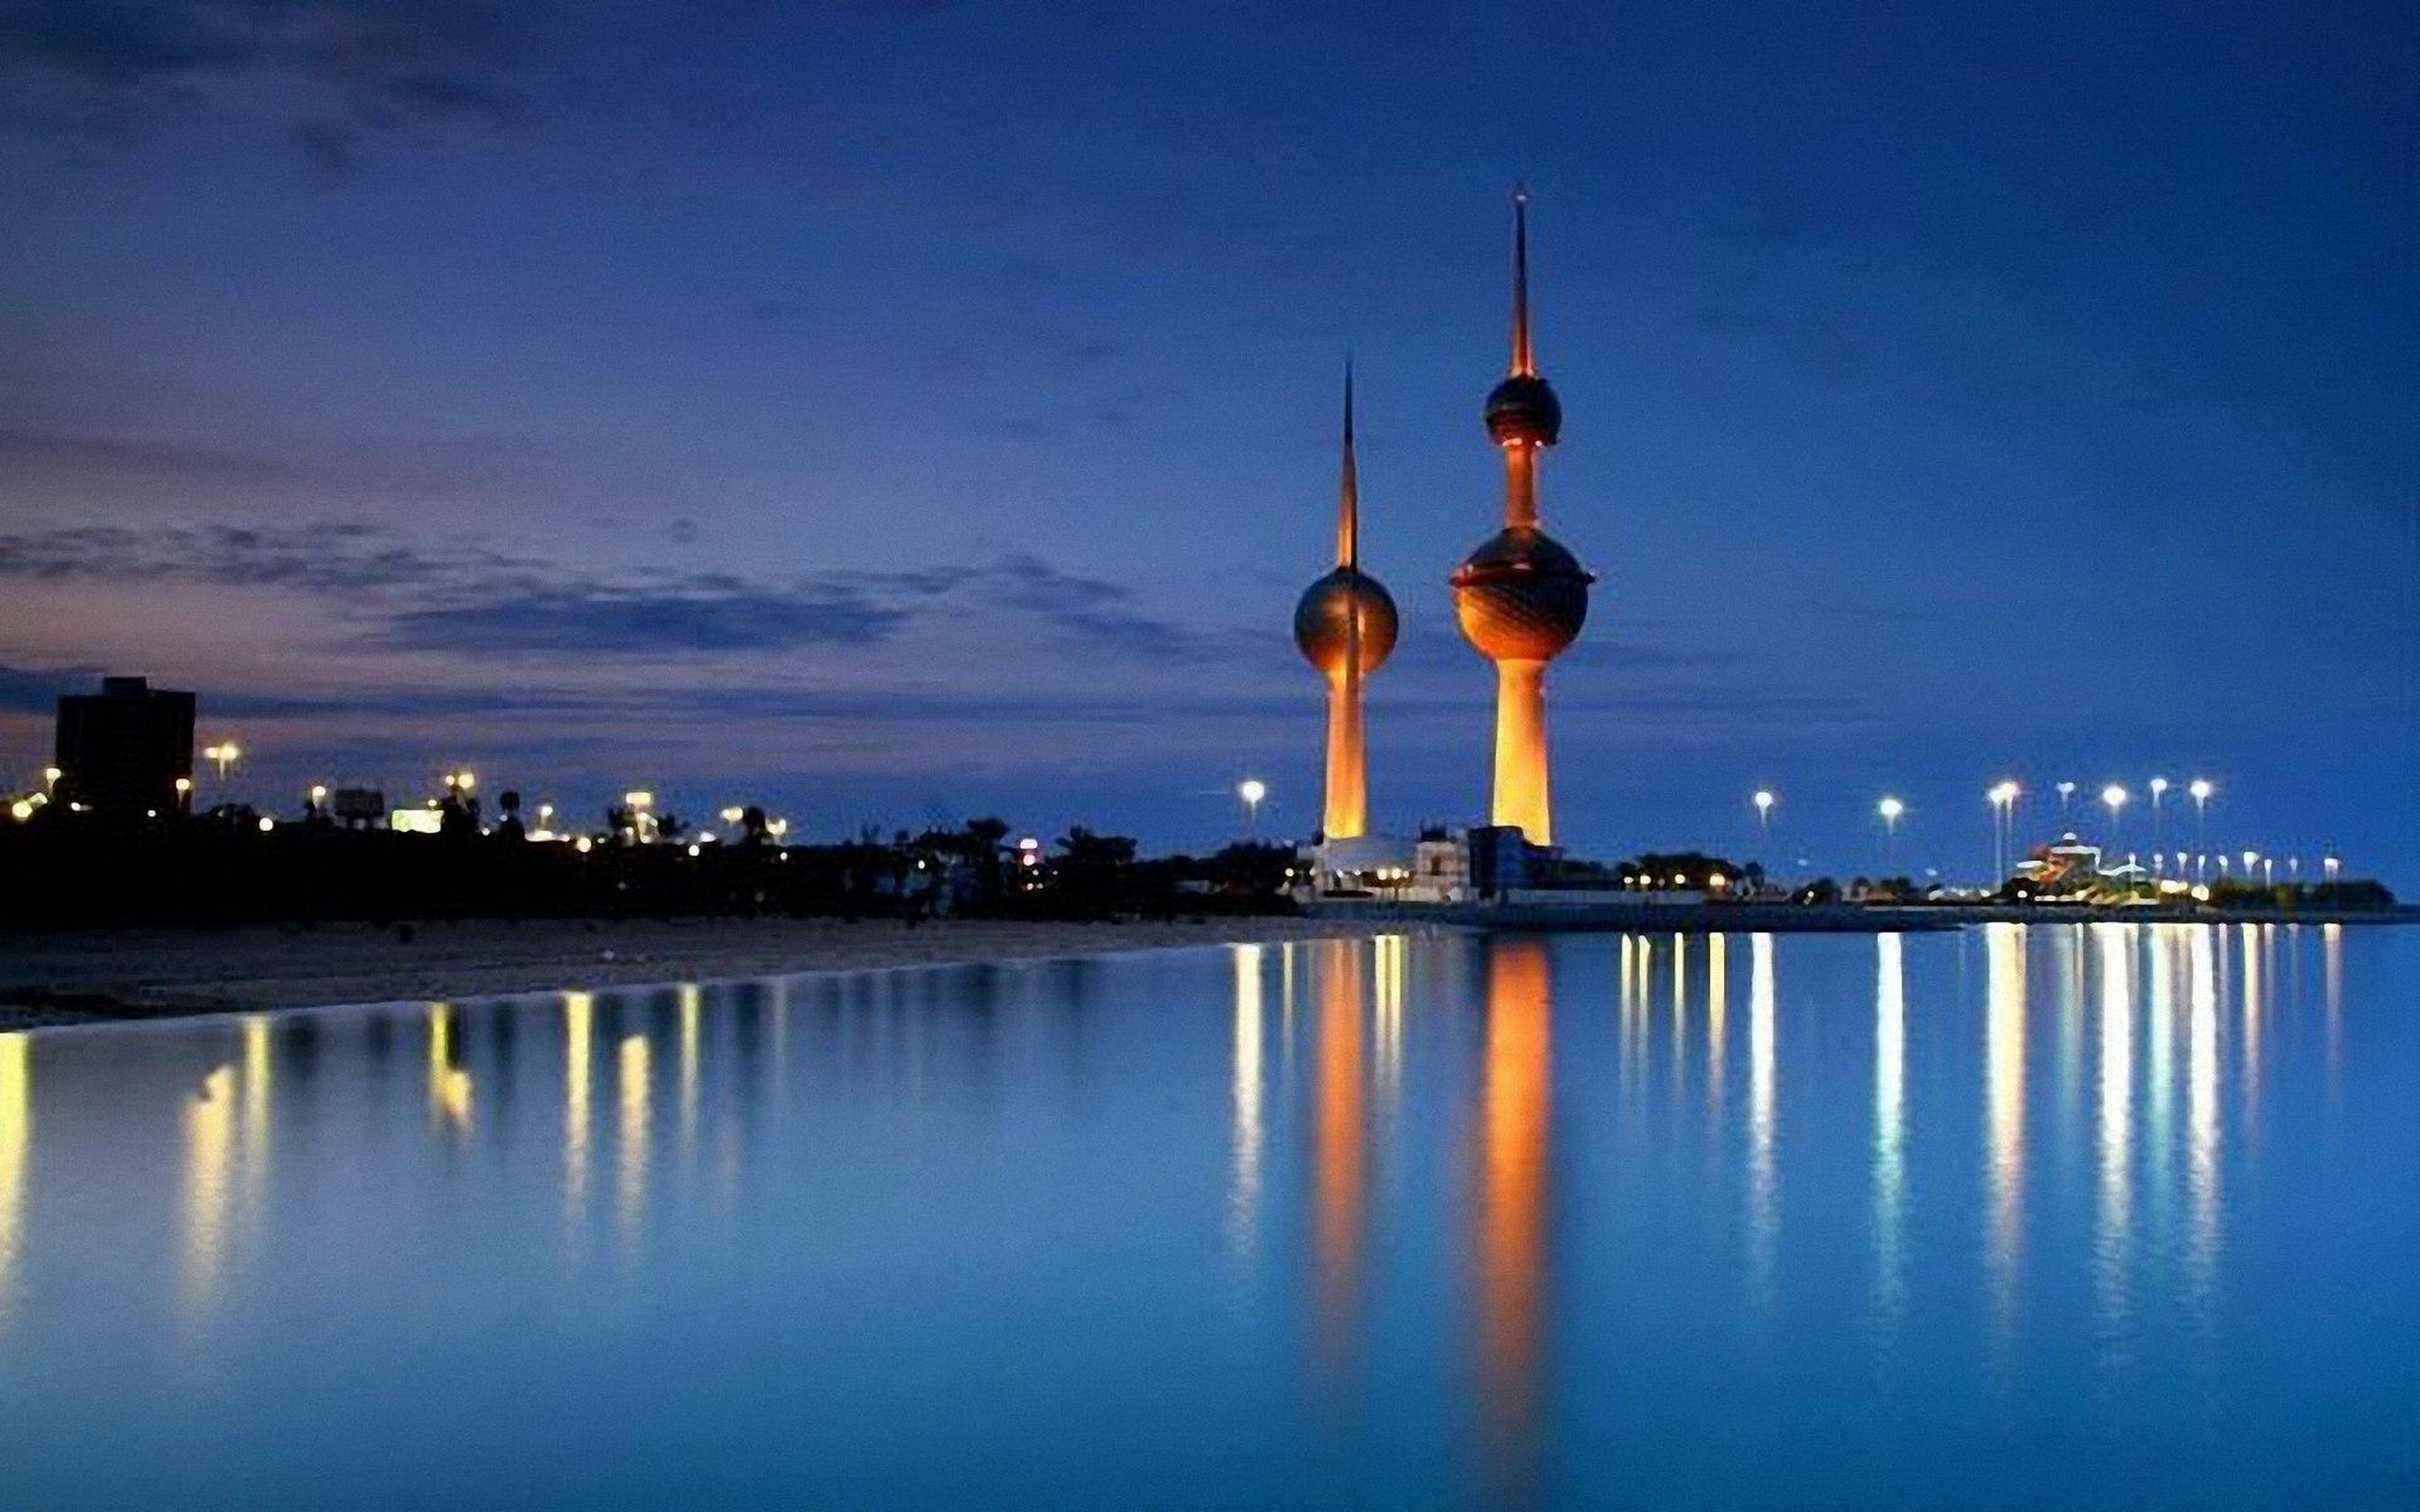 السرطان ثاني أسباب الوفيات في الكويت ونسبته إلى تزايد